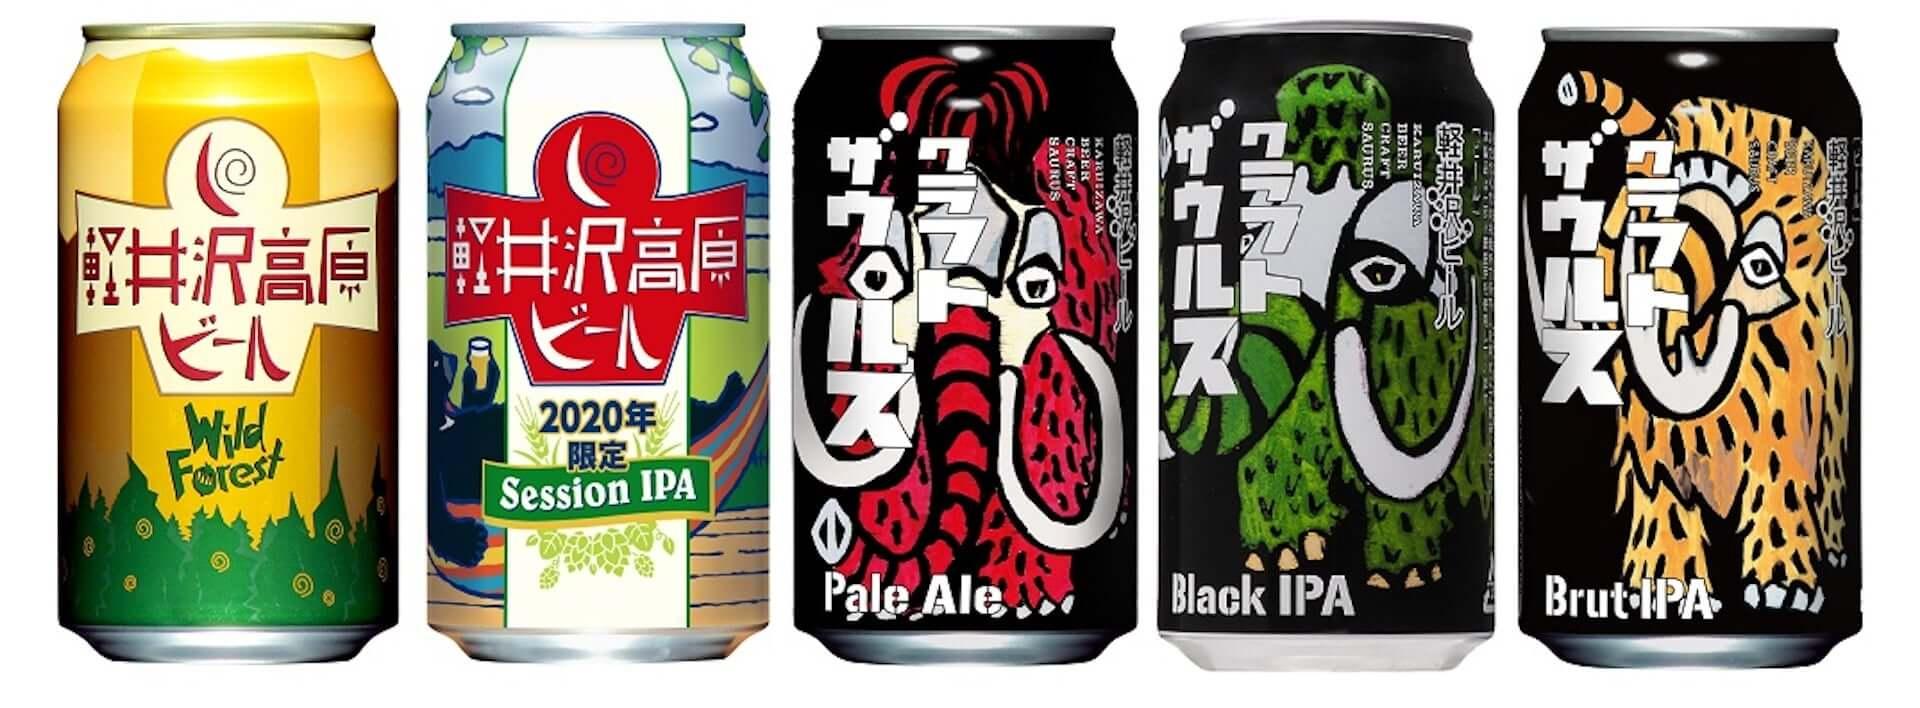 『よなよなエール』などのクラフトビールをお家でも!よなよなビアワークス赤坂店がビールのテイクアウト販売を明日開始 gourmet200427_yonayonabeerworks_18-1920x708